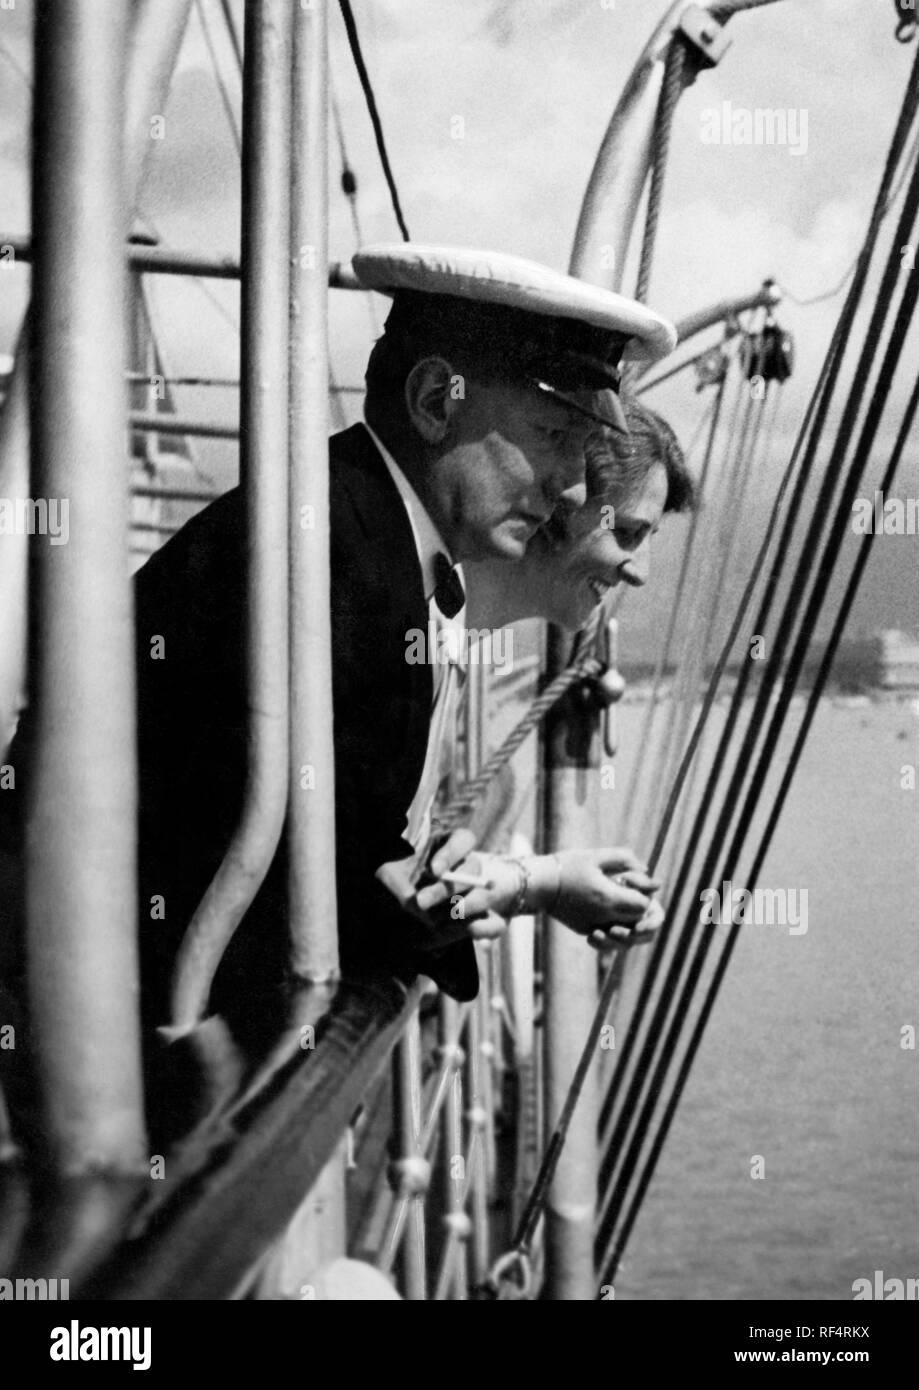 Guglielmo Marconi et Maria Cristina bezzi-scali, 1936 Banque D'Images